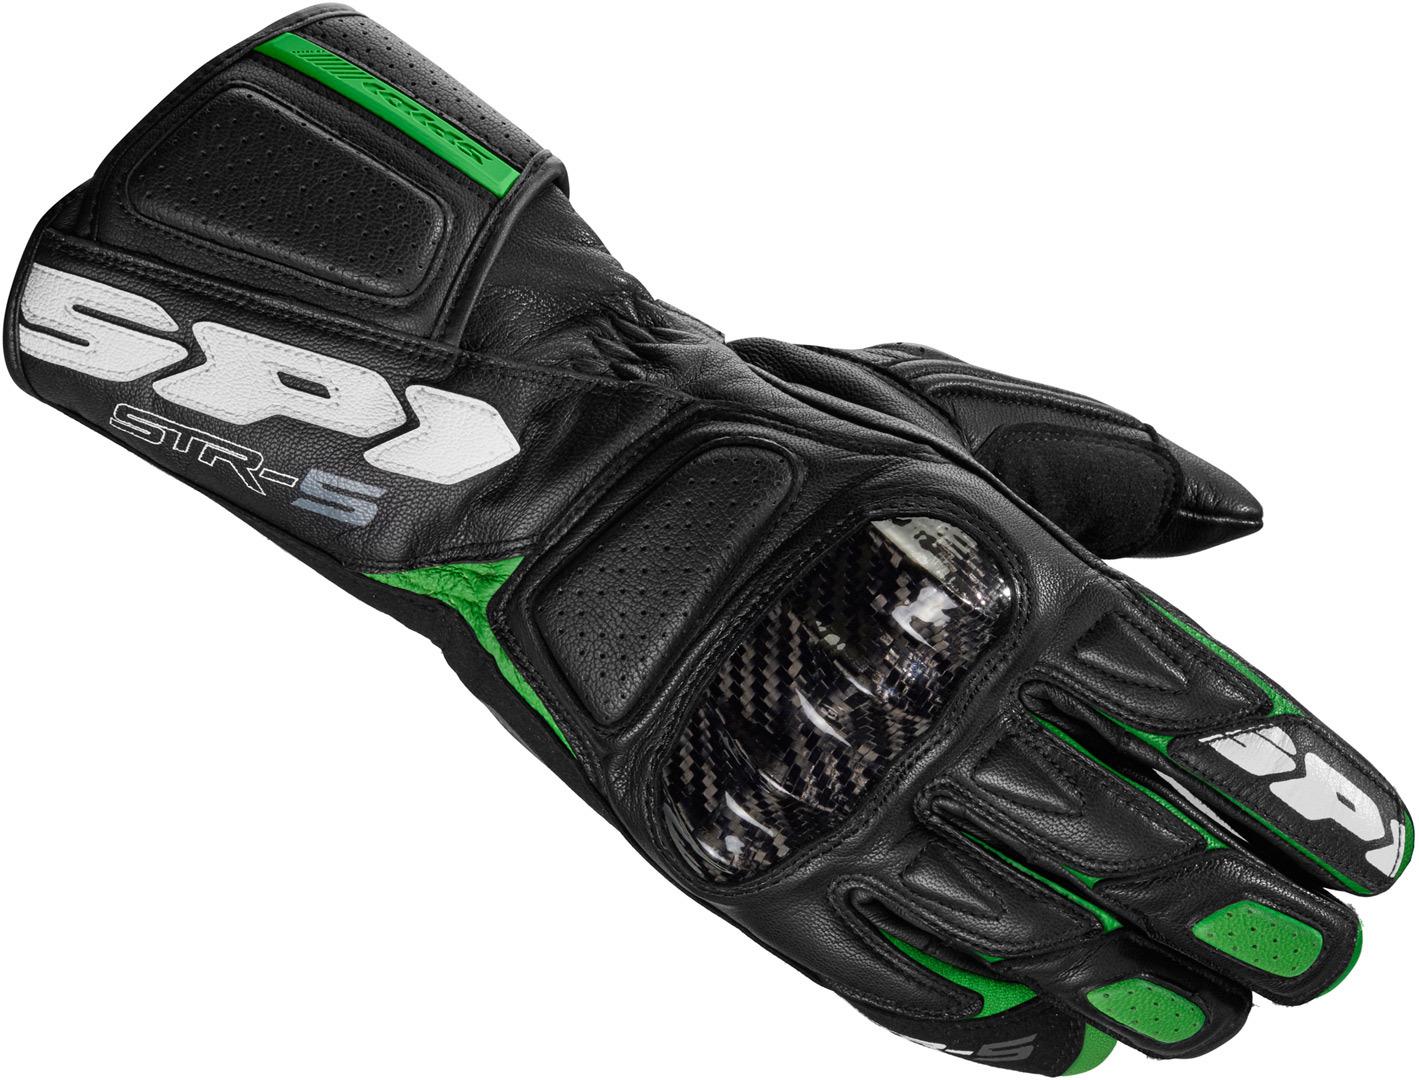 Spidi STR-5 Handschuhe, schwarz-grün, Größe 2XL, schwarz-grün, Größe 2XL